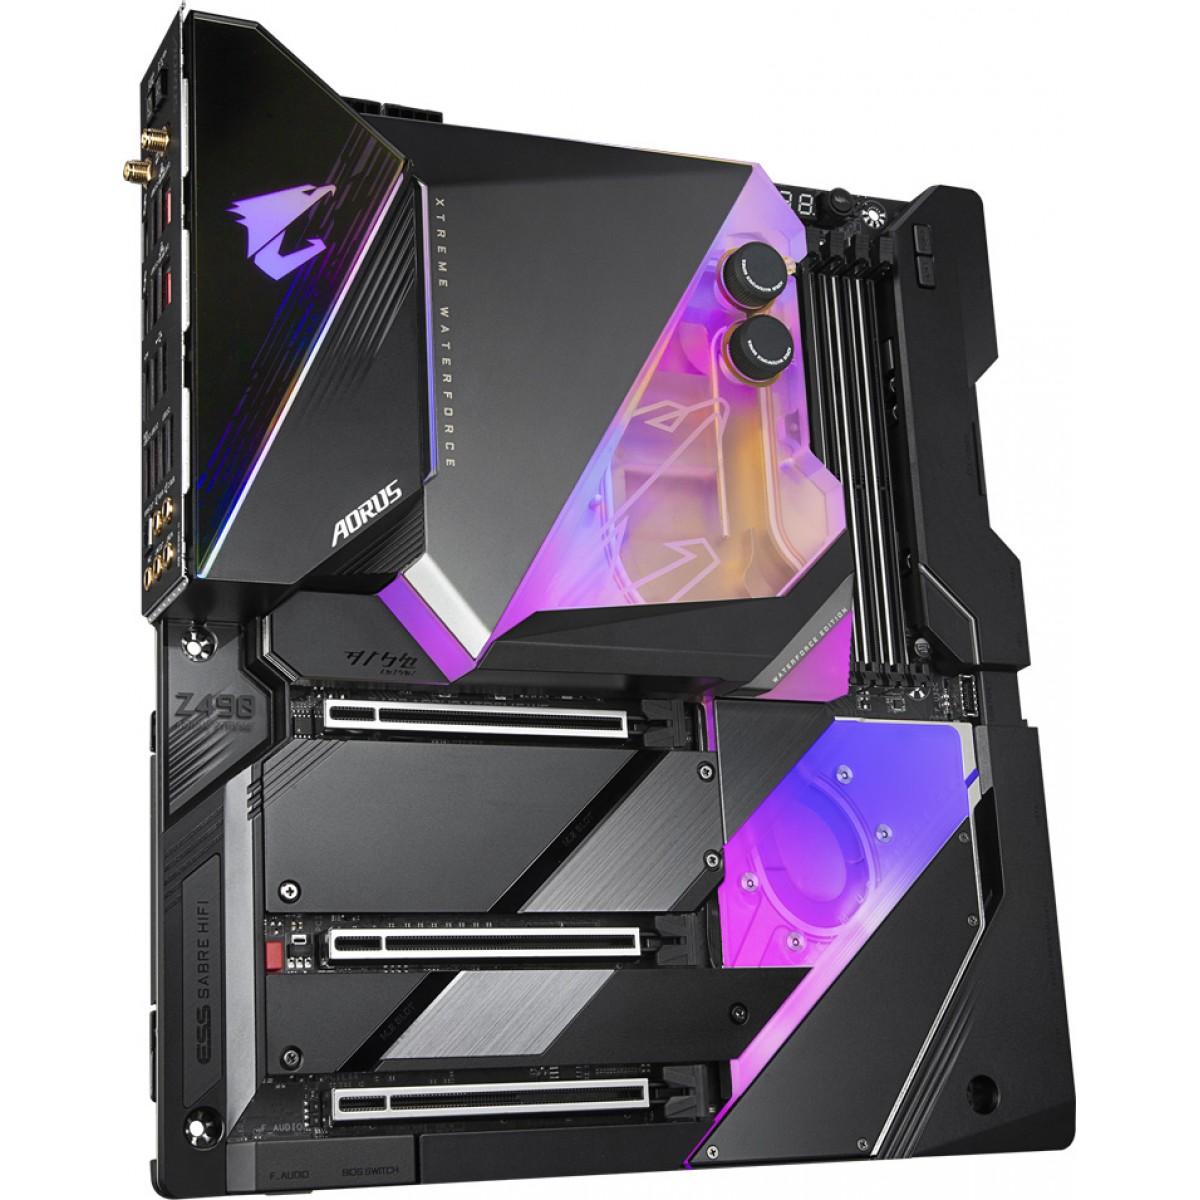 Placa Mãe Gigabyte Z490 Aorus Xtreme Waterforce, Chipset Z490, Intel LGA 1200, Wi-Fi, E-ATX, DDR4